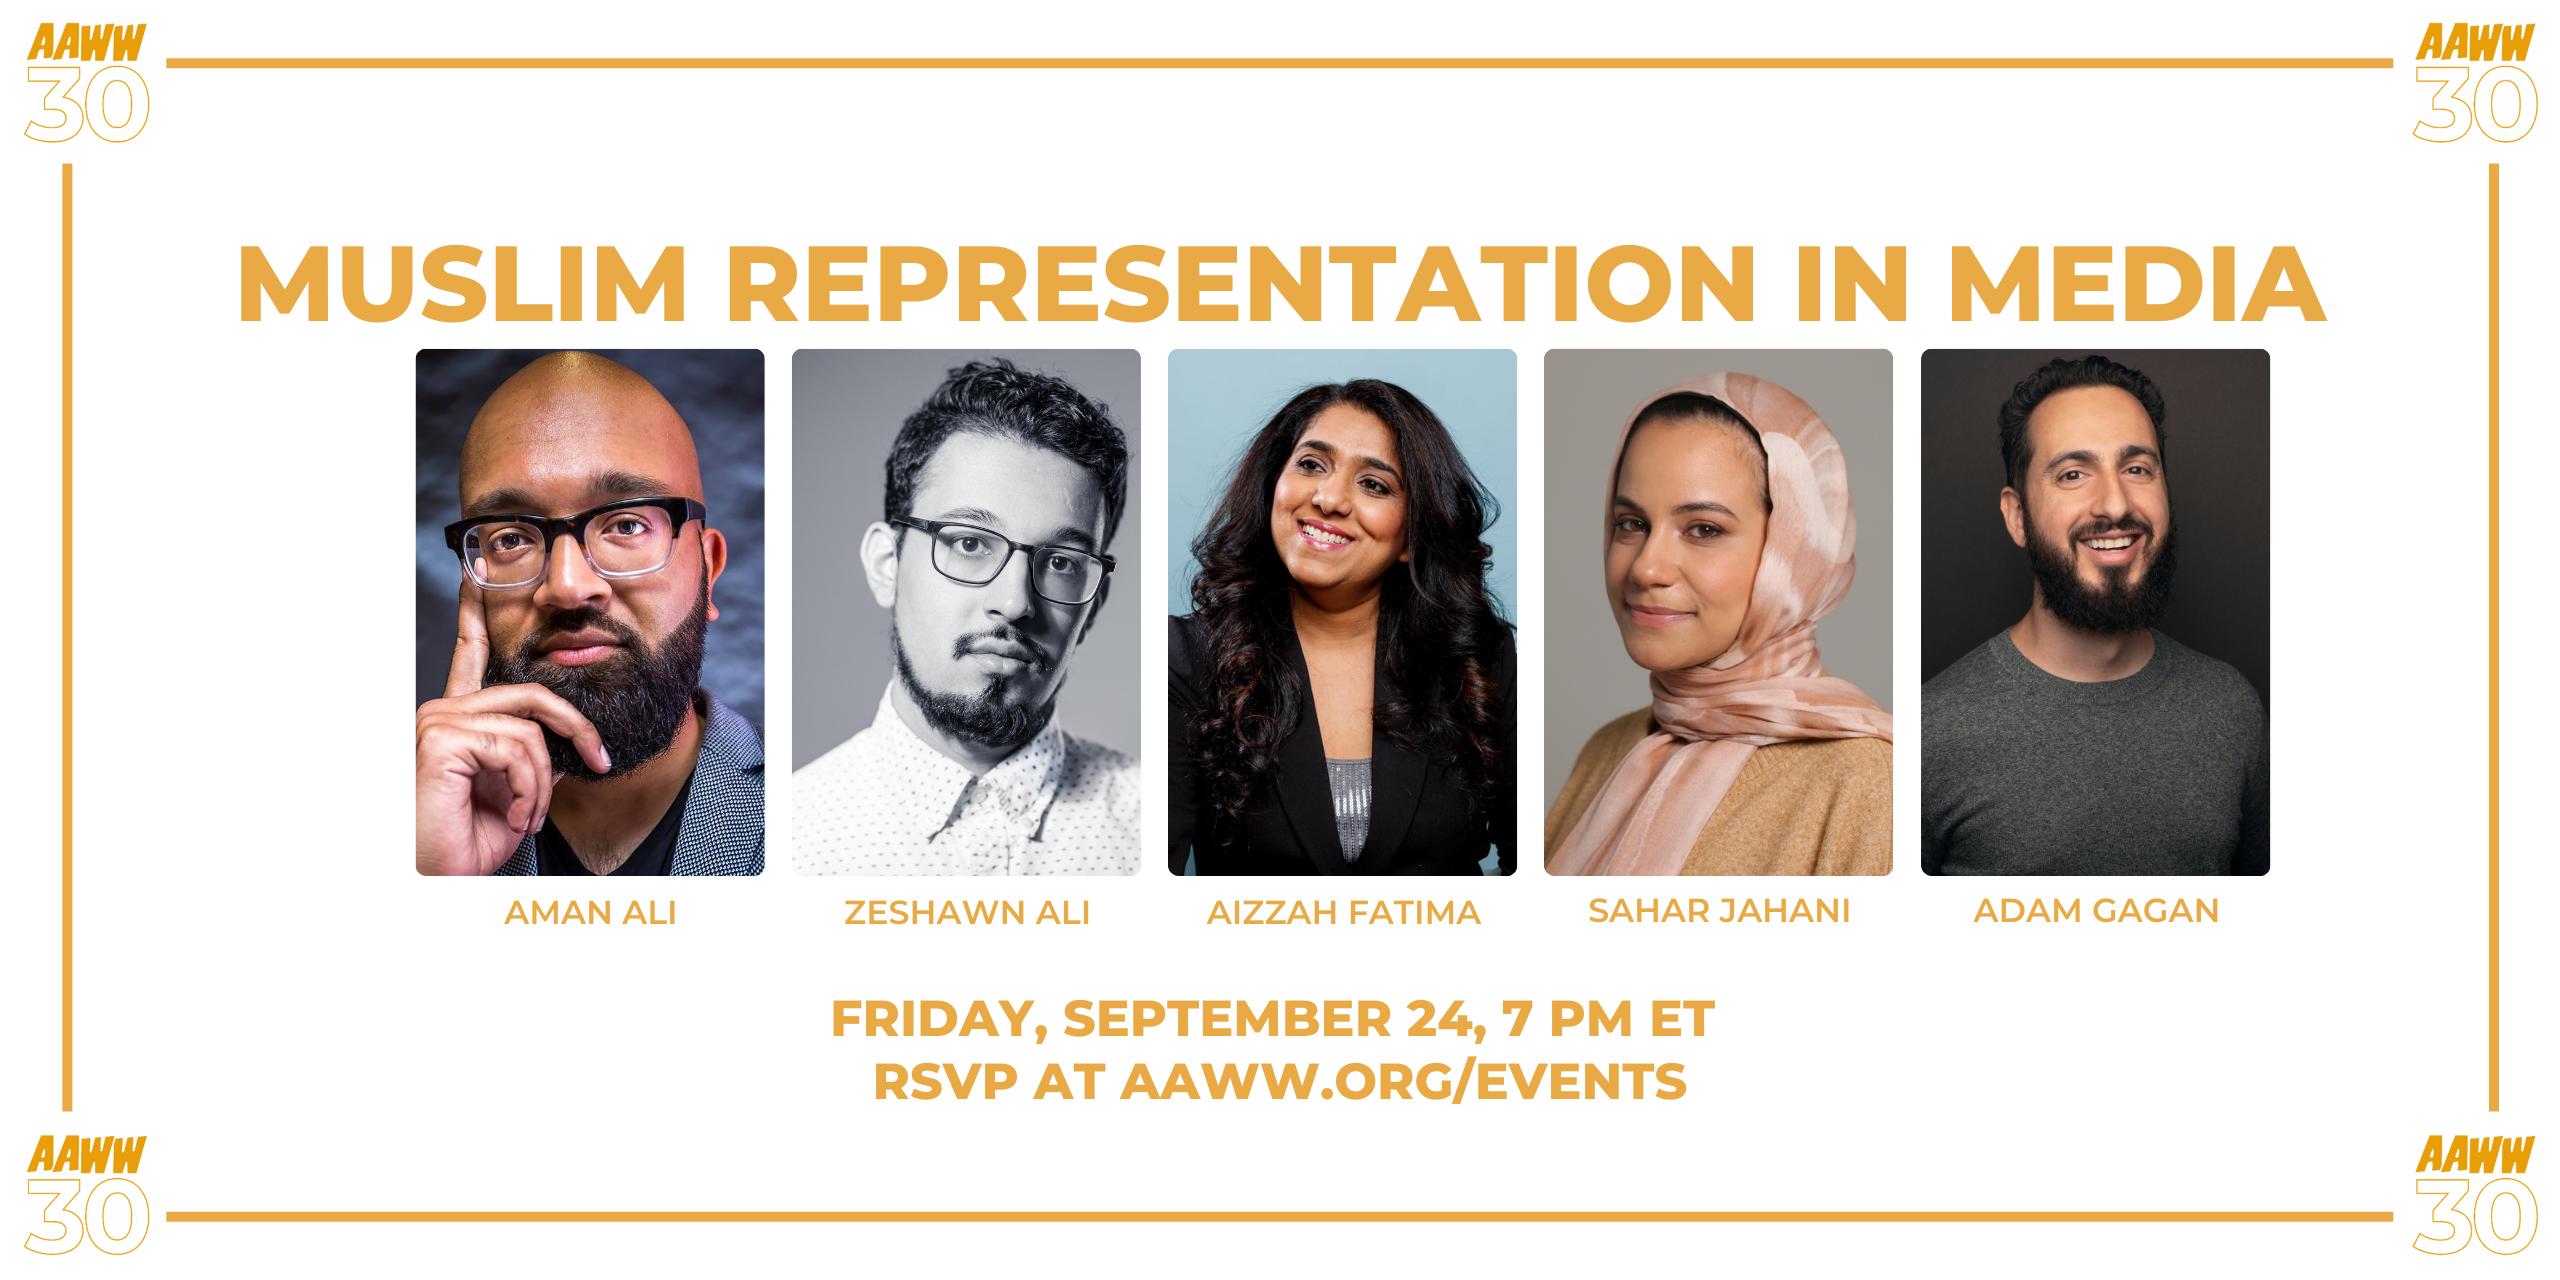 AAWW at 30: Muslim Representation in Media